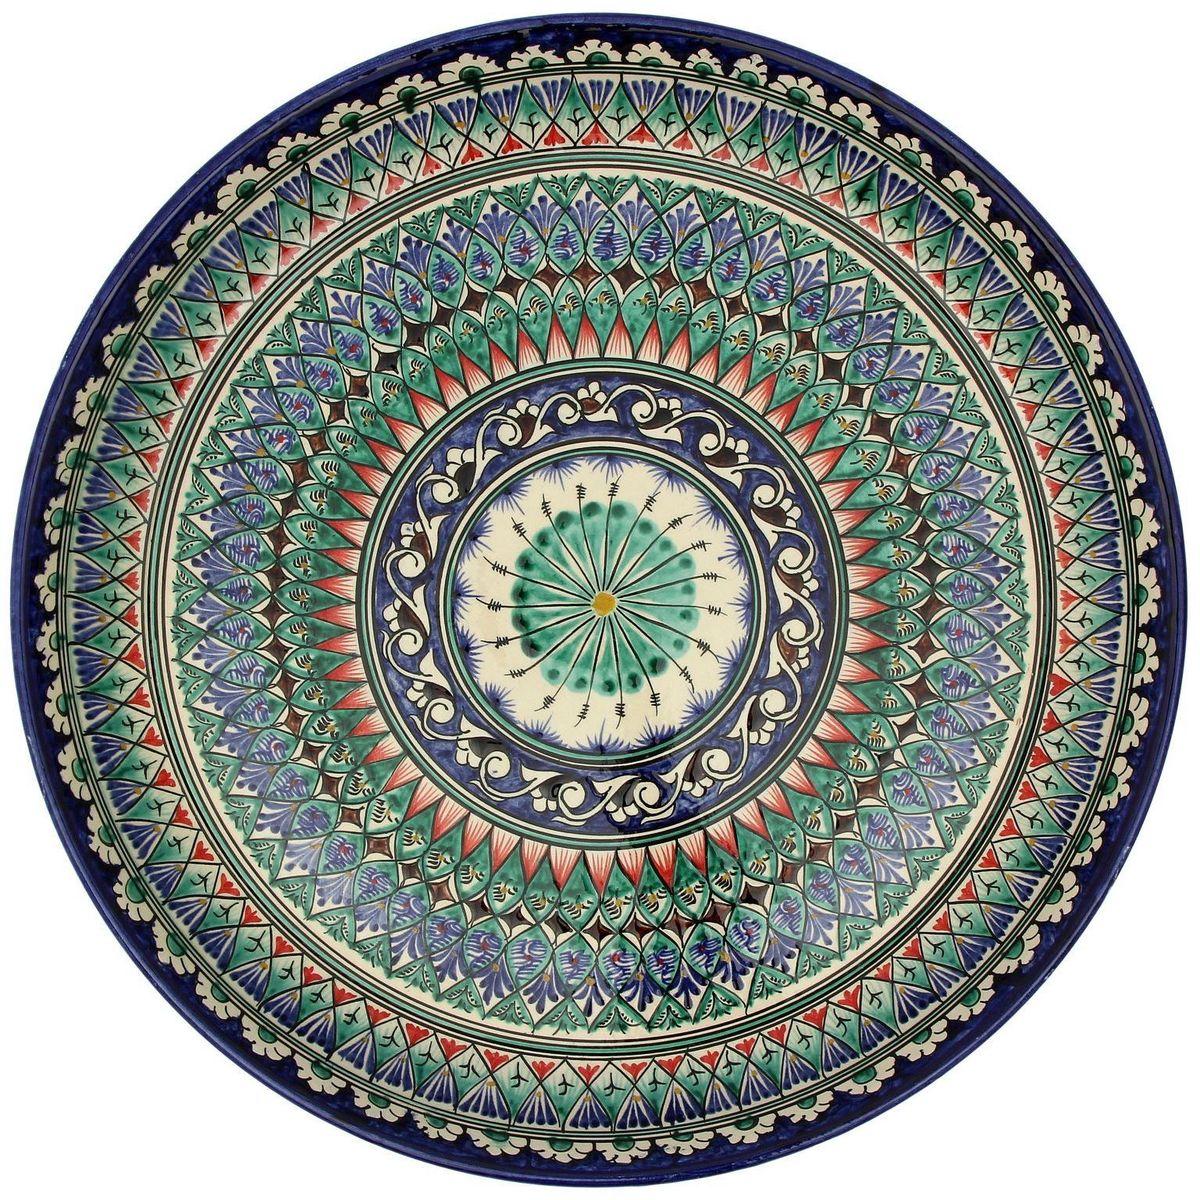 Ляган Риштанская керамика, диаметр, 45 см. 21550002155000Ляган — это не просто обеденный атрибут, это украшение стола. Посуда с национальной росписью станет отменным подарком для ценителей высокородной посуды.Риштан — город на востоке Узбекистана, один из древнейших в Ферганской долине. С давних времён Риштан славится своим гончарным искусством изготовления цветной керамики. Красноватую глину для изделия добывают в самом городе. Мастера утверждают, что их глина настолько высокого качества, что даже не нуждается в предварительной обработке. Дополните коллекцию кухонных аксессуаров пряными восточными нотами.